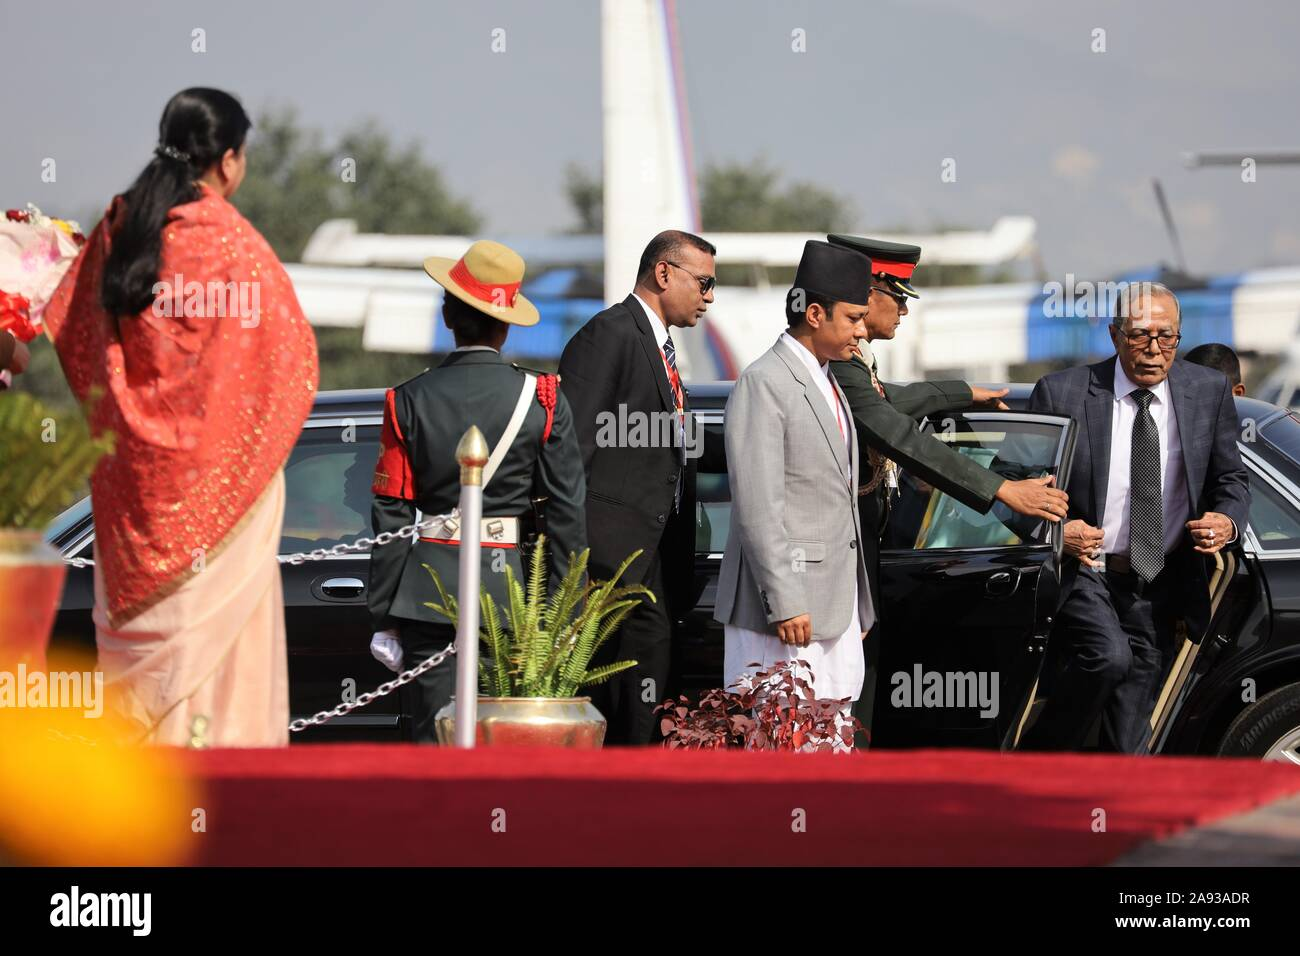 Katmandou, Népal. 12 Nov, 2019. Le président du Bangladesh, Abdul Hamid arrivent à l'aéroport international de Tribhuvan, Katmandou, Népal le Mardi, Novembre 12, 2019. Le président du Bangladesh, Abdul Hamid est sur une bonne volonté officielle de quatre jours à visiter le Népal à l'invitation du président du Népal Bidhya Devi Bhandari. (Photo by Subash Shrestha/Pacific Press) Credit: Pacific Press Agency/Alamy Live News Banque D'Images